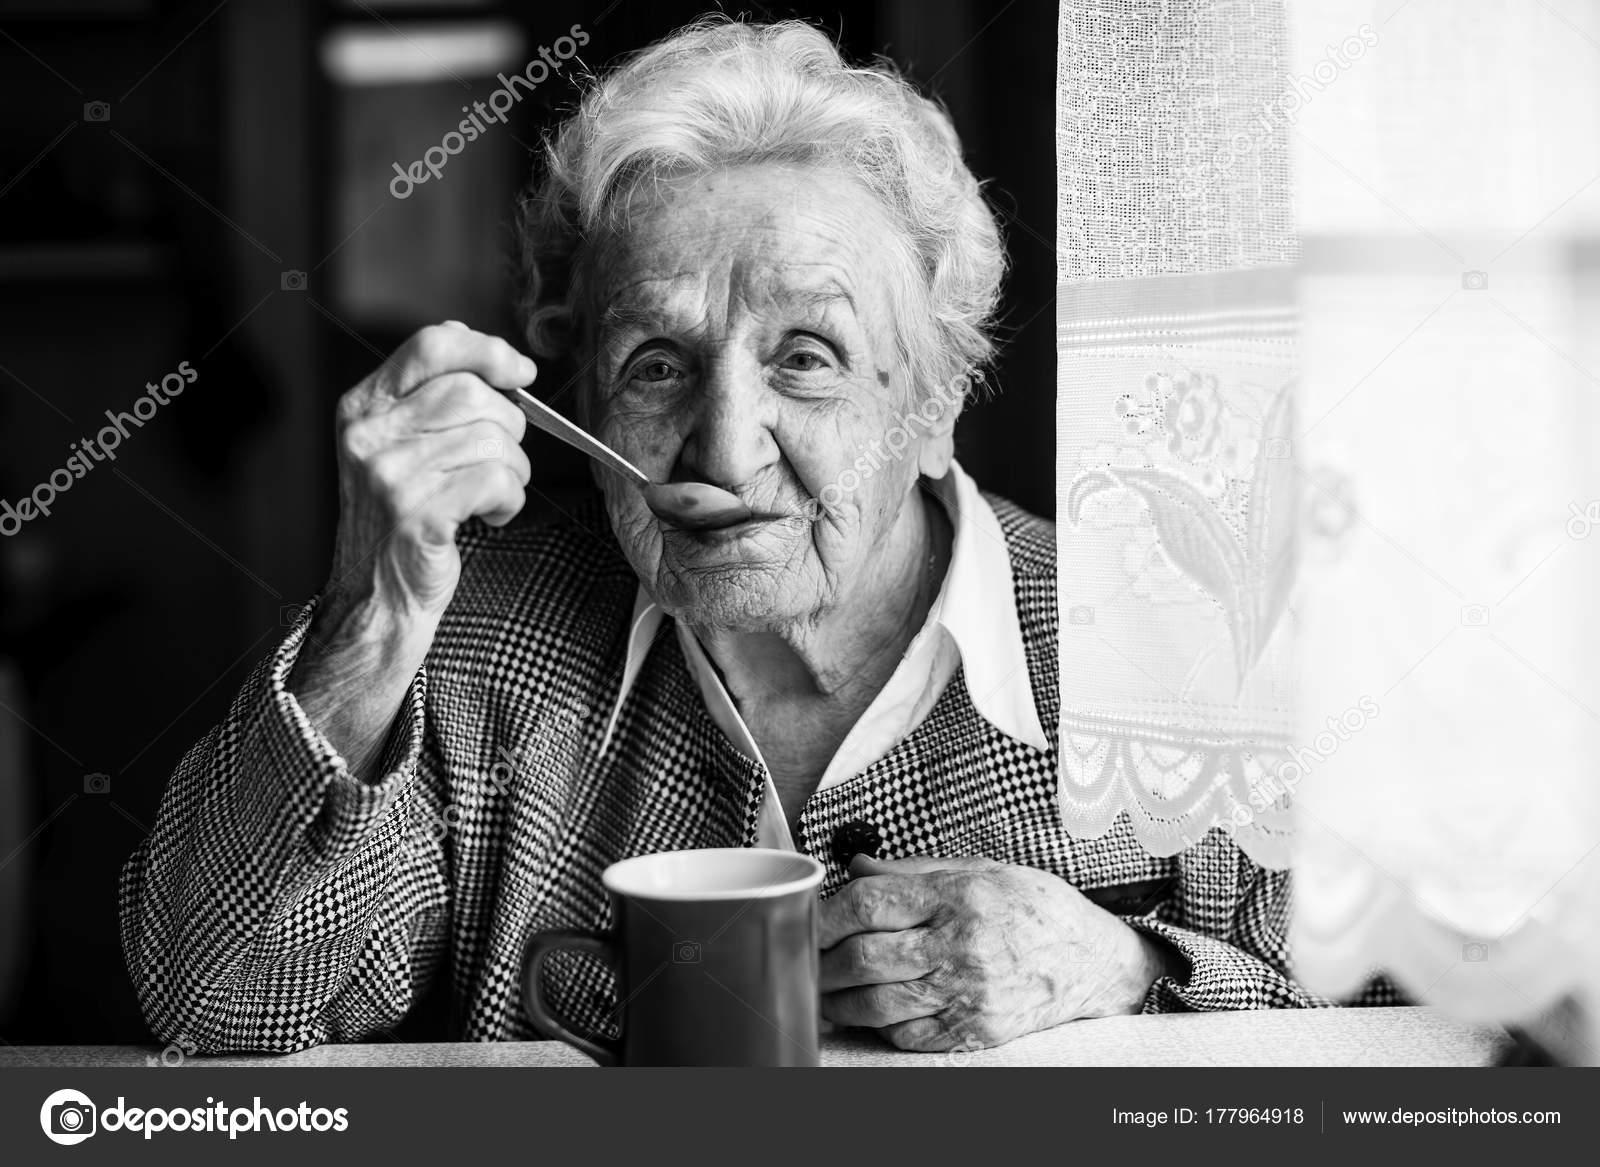 dad36cfca0 Idős Asszony Asztalnál Teát Iszik Fekete Fehér Portré — Stock Fotó ...